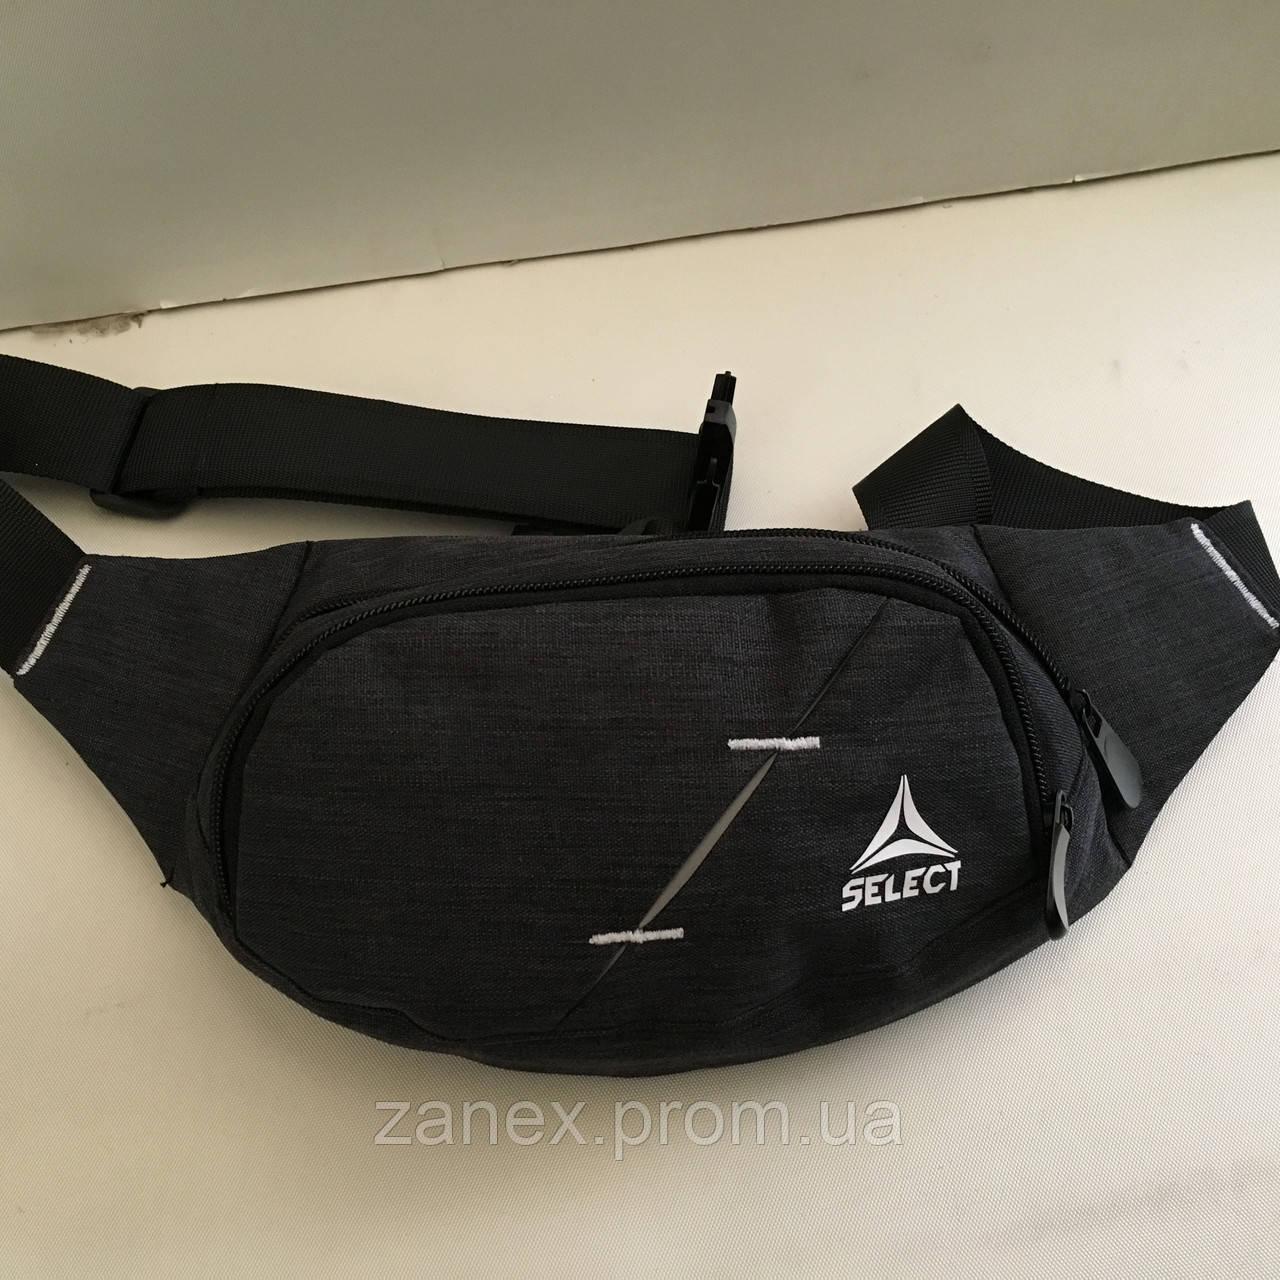 Поясная сумка черная Select 2 отделения (Бананка, Сумка на пояс, сумка на плечо)